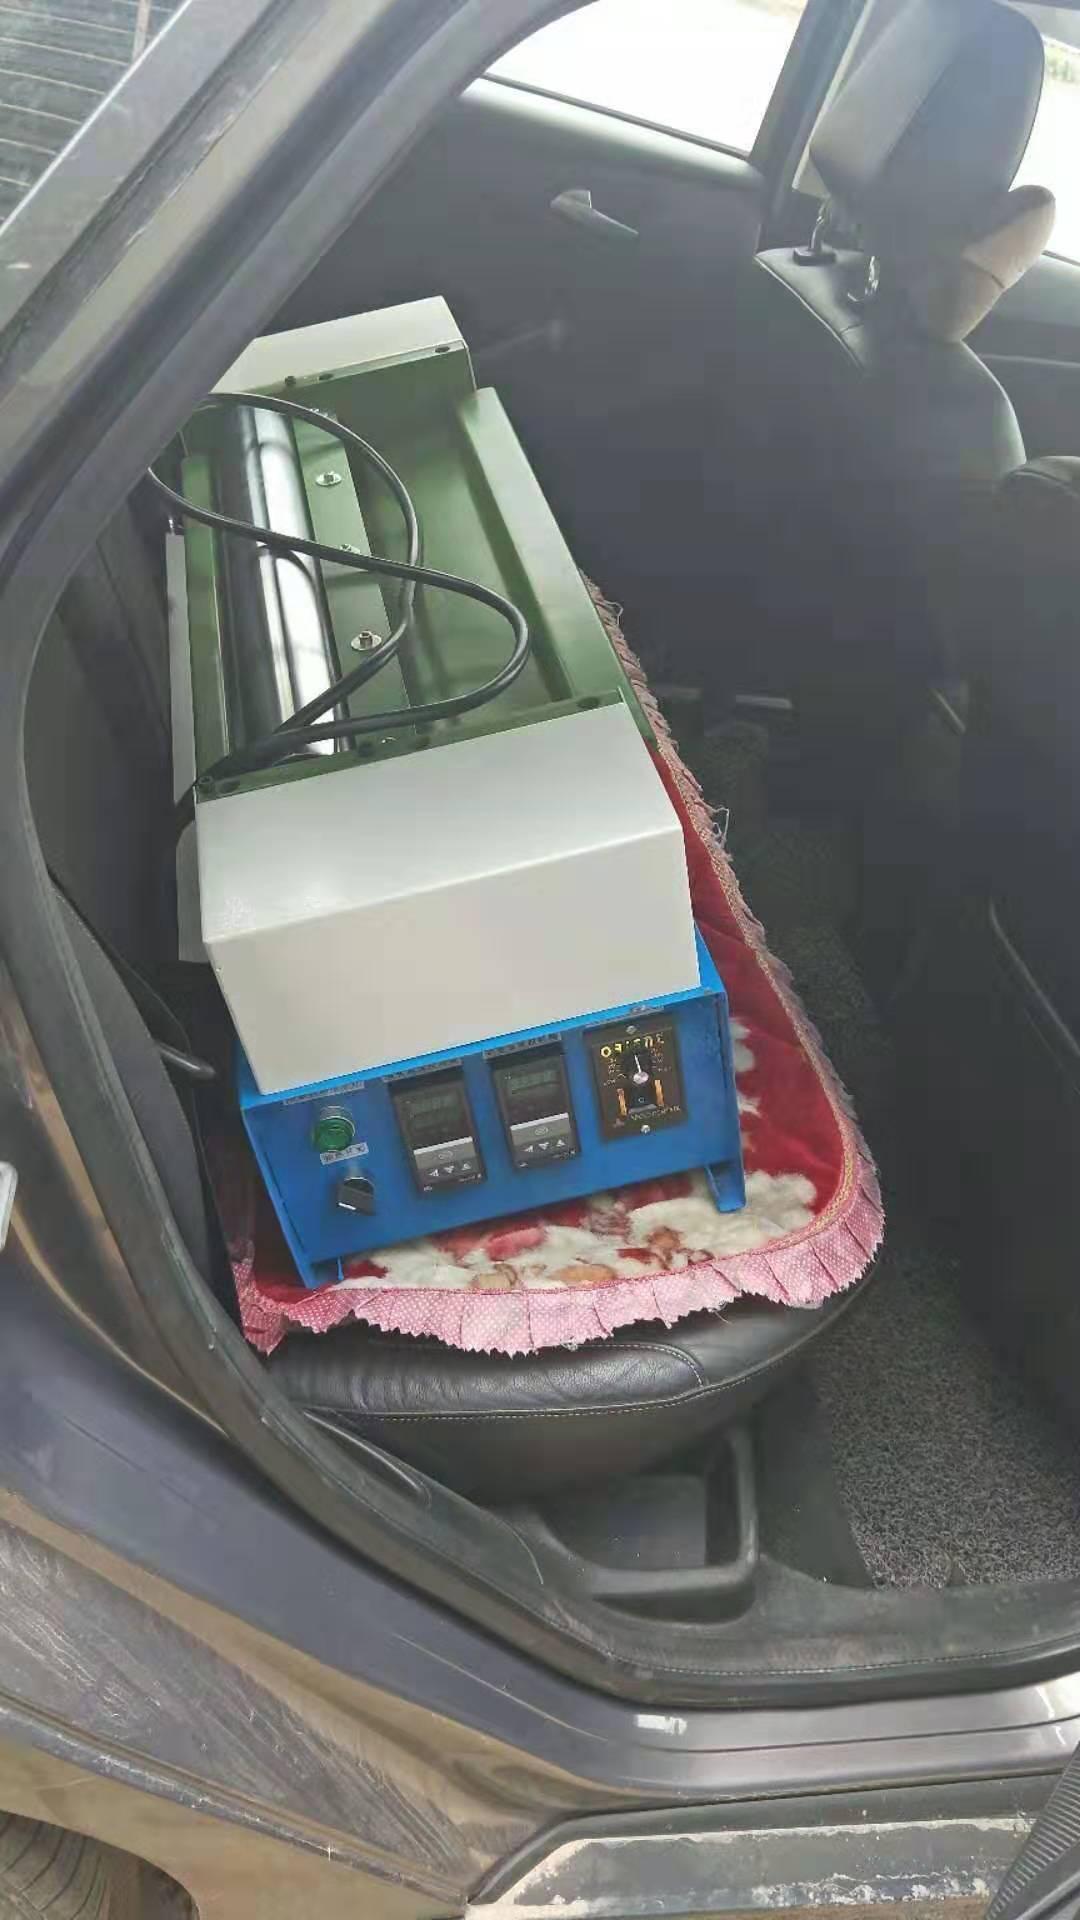 万信机械 单辊热熔胶机WX-600L  恒温控制,自动控温